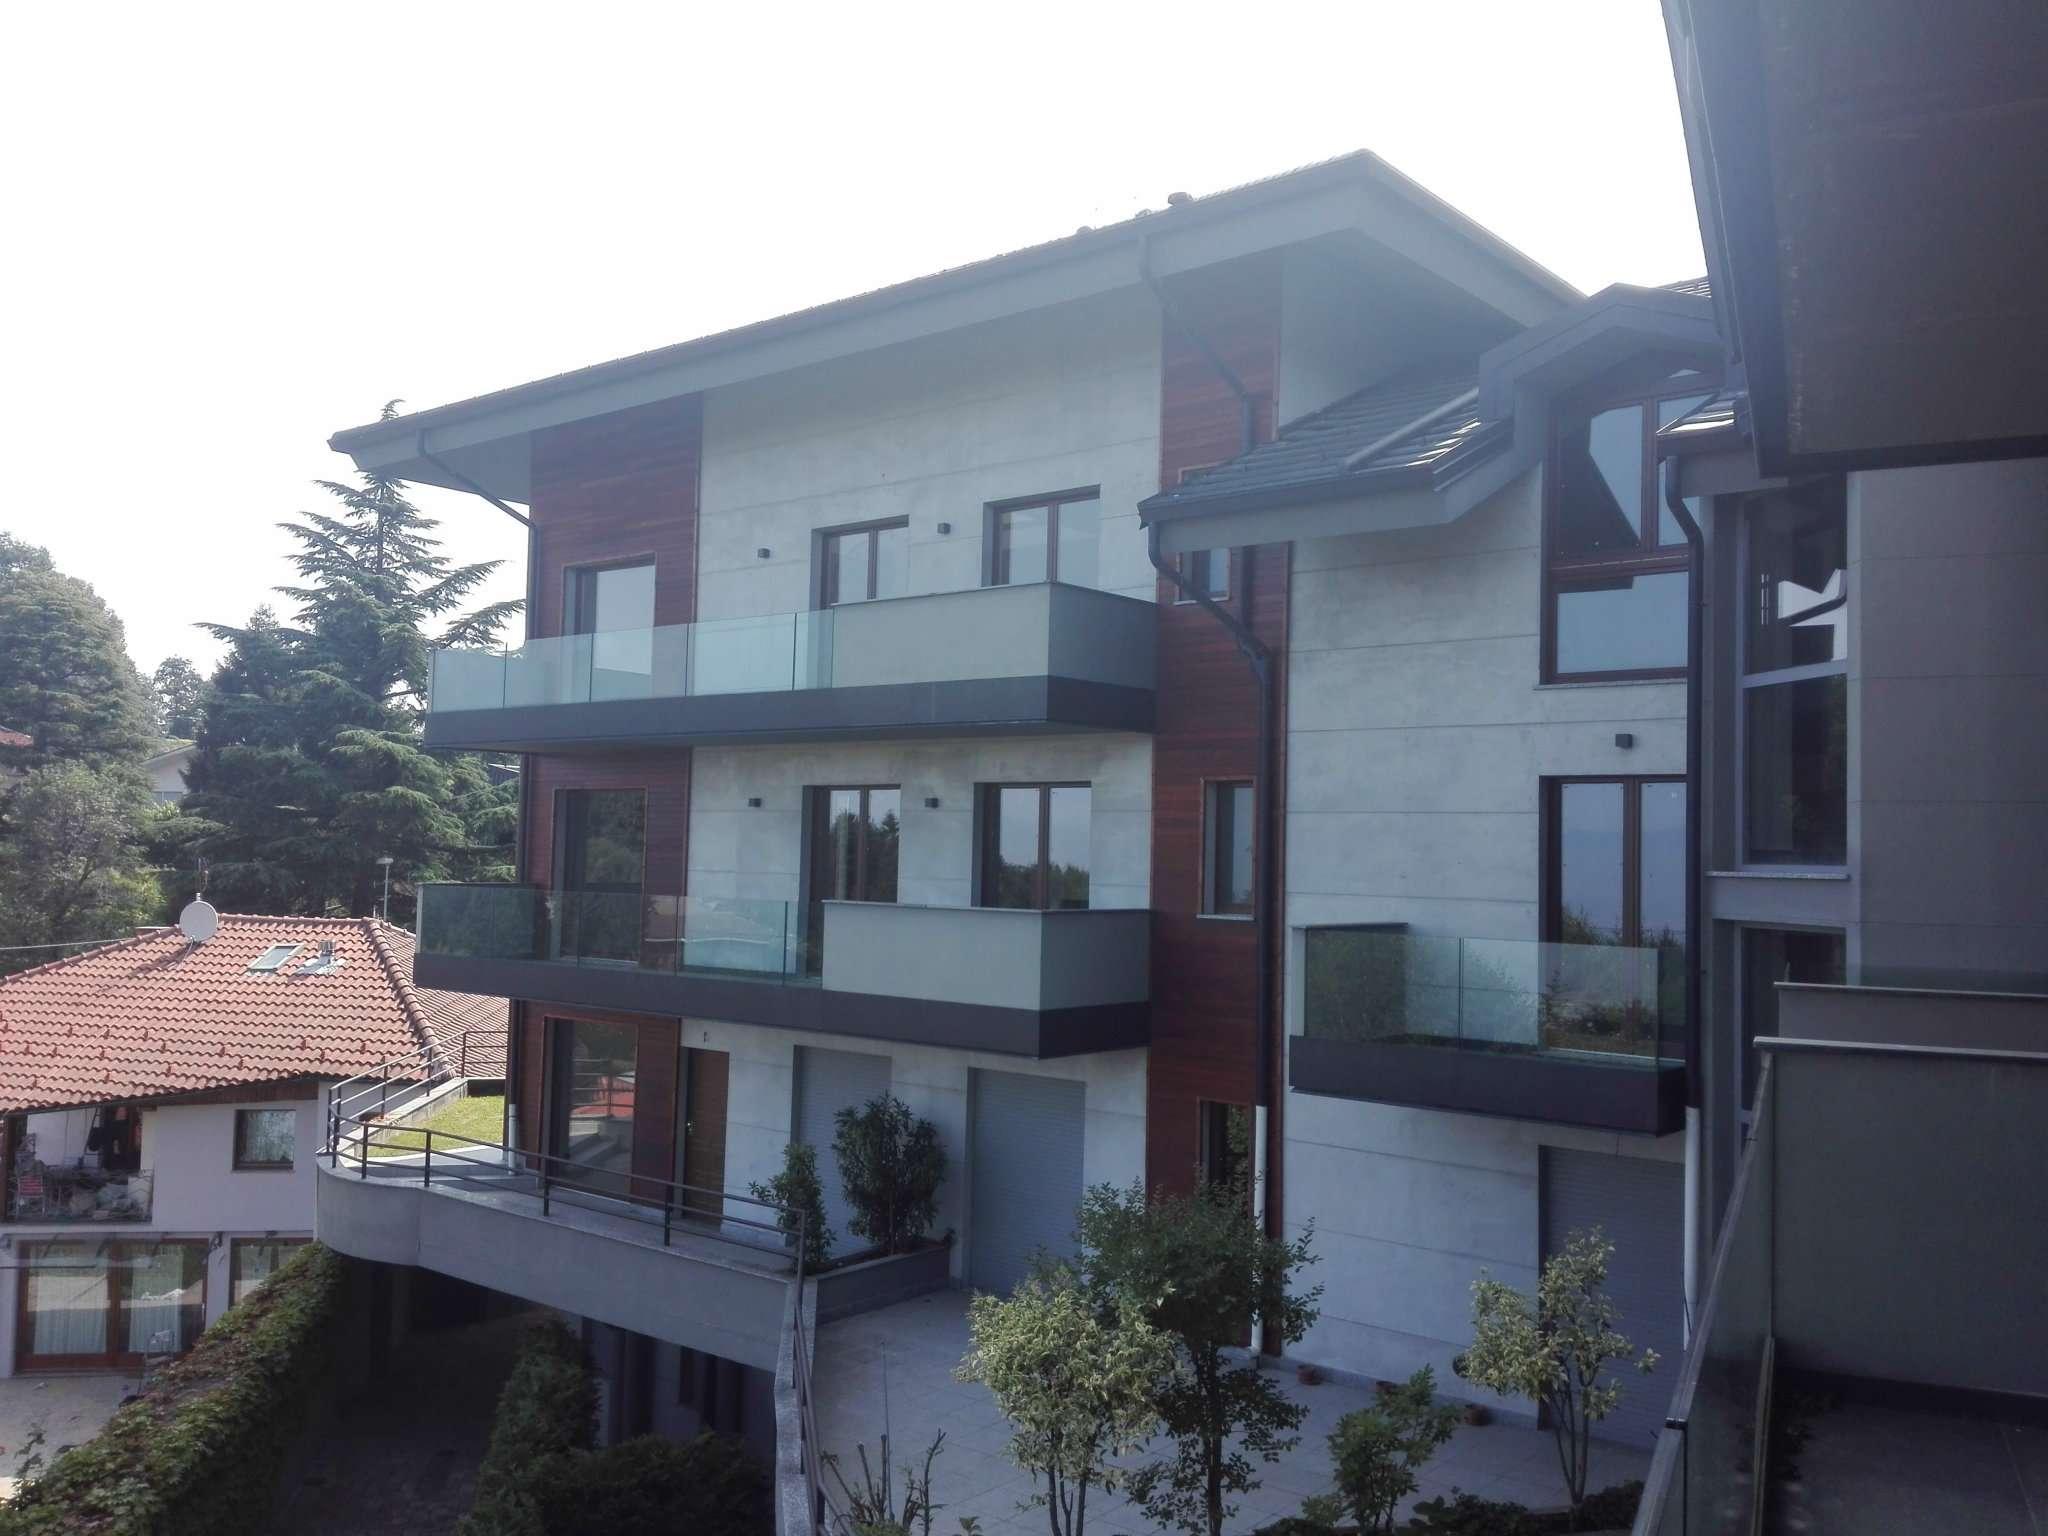 Appartamento in vendita a Pecetto Torinese, 6 locali, prezzo € 499.000 | CambioCasa.it